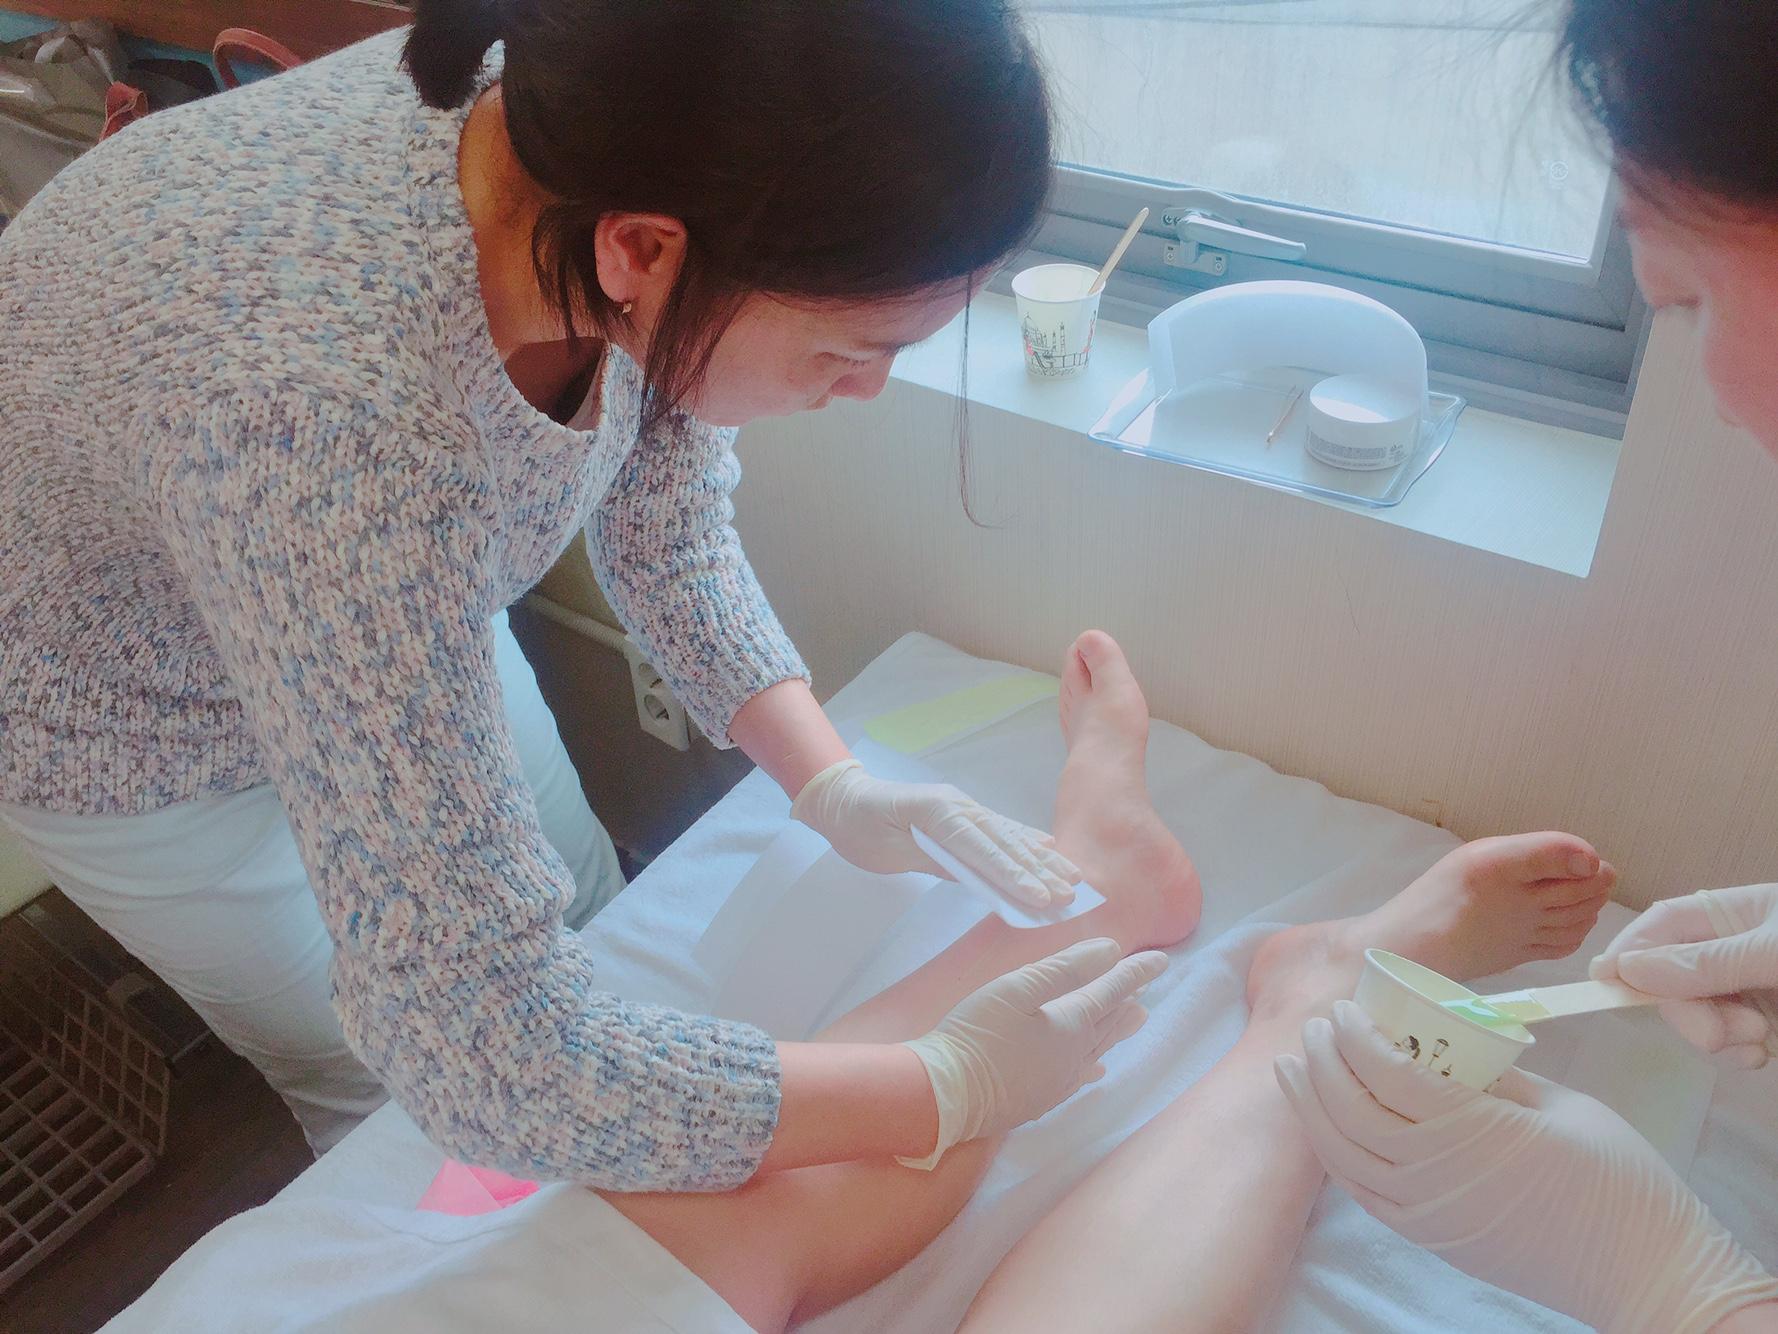 피부 2과제 제모 연습 중!